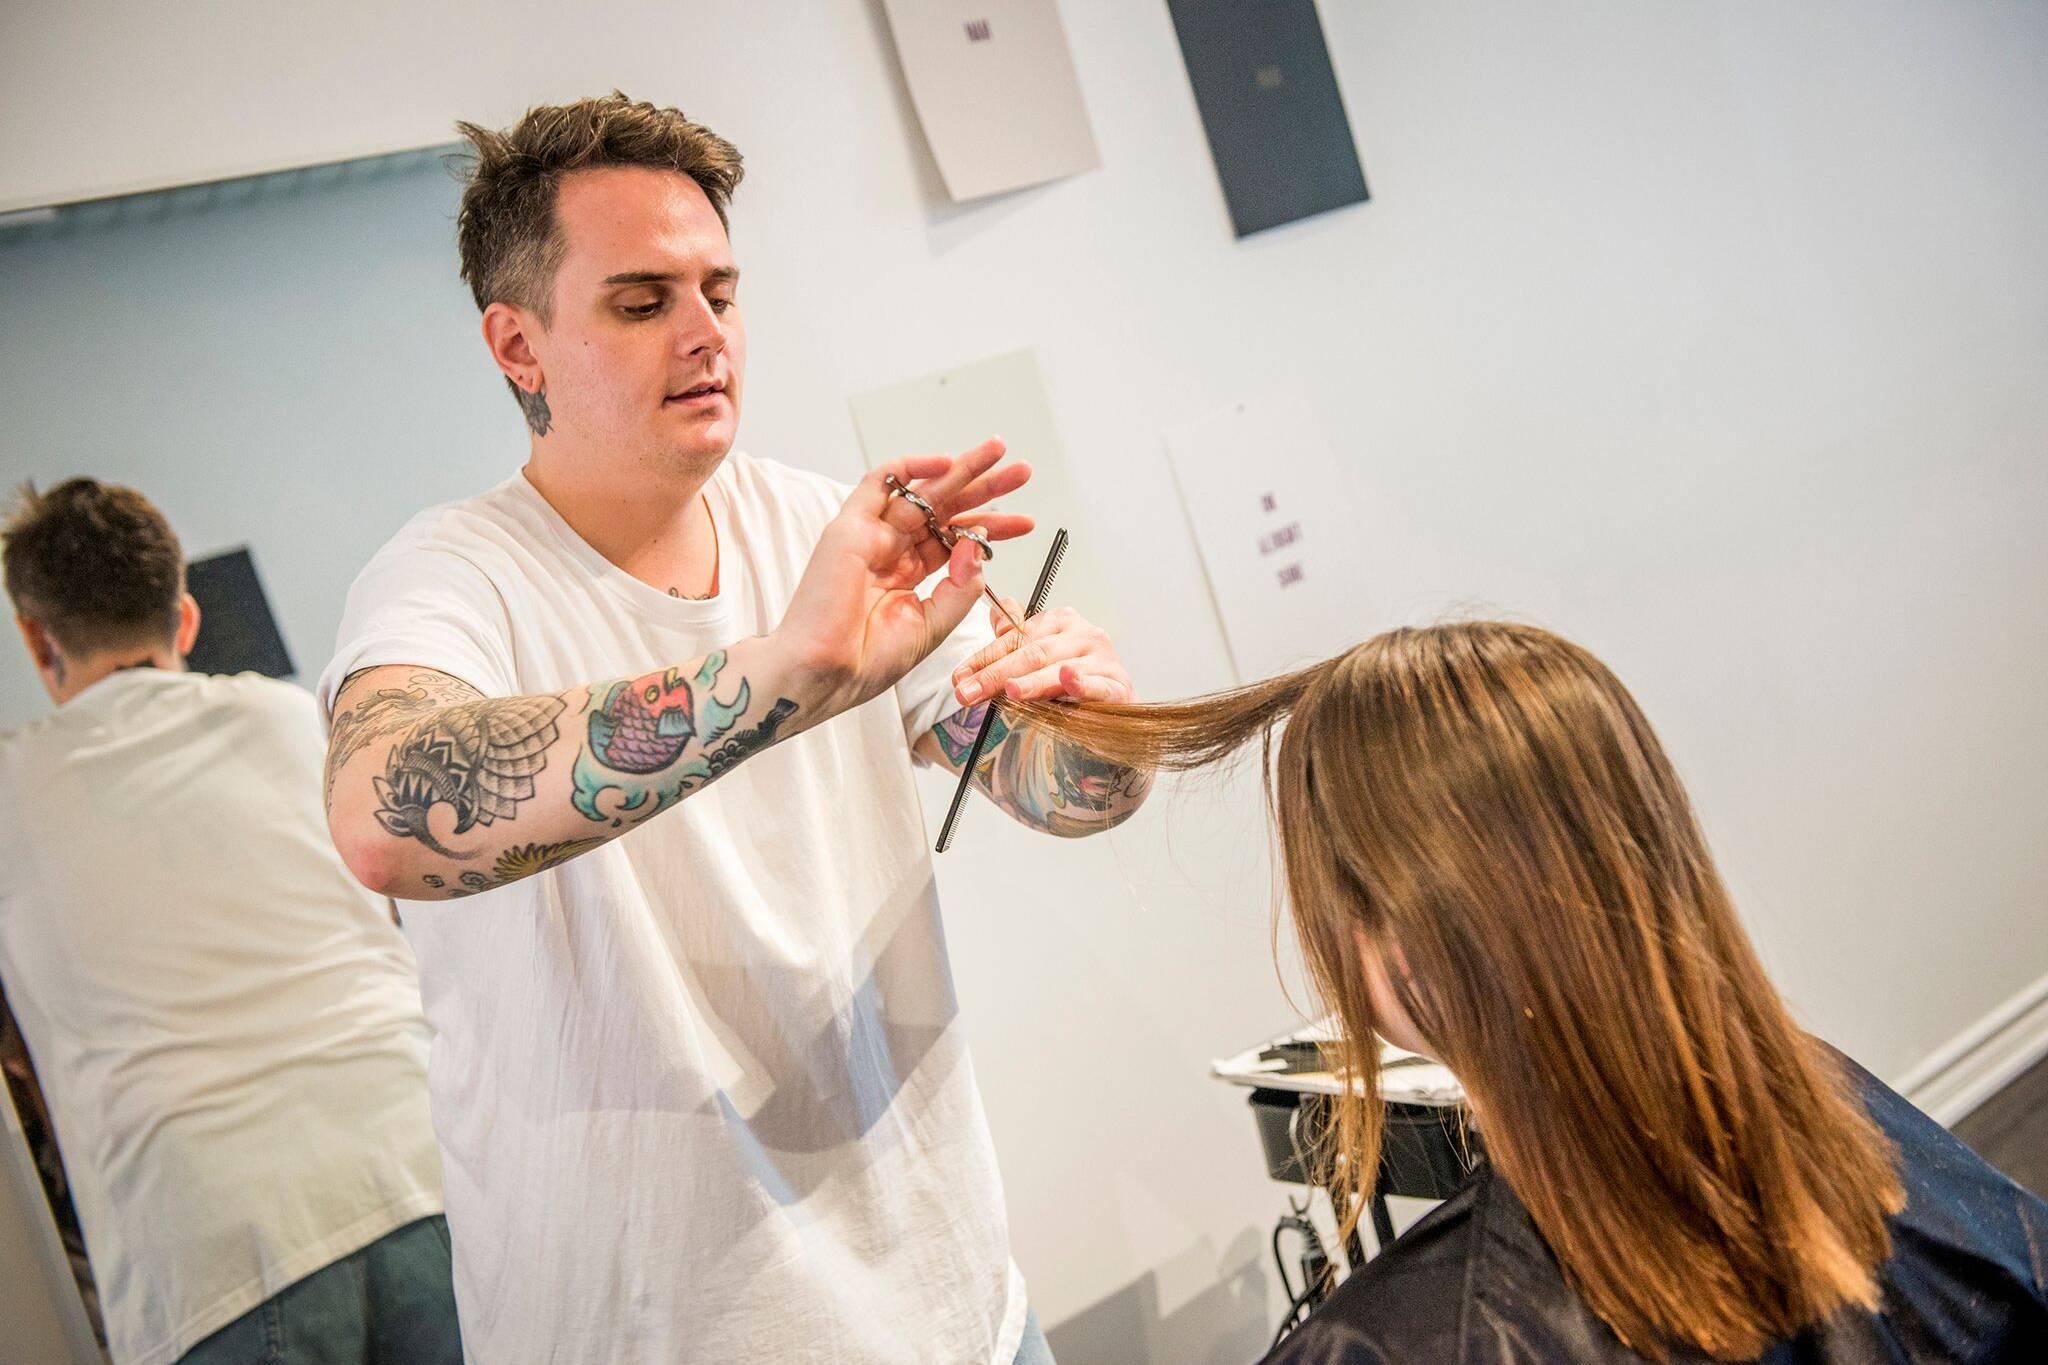 ontario hair salons open